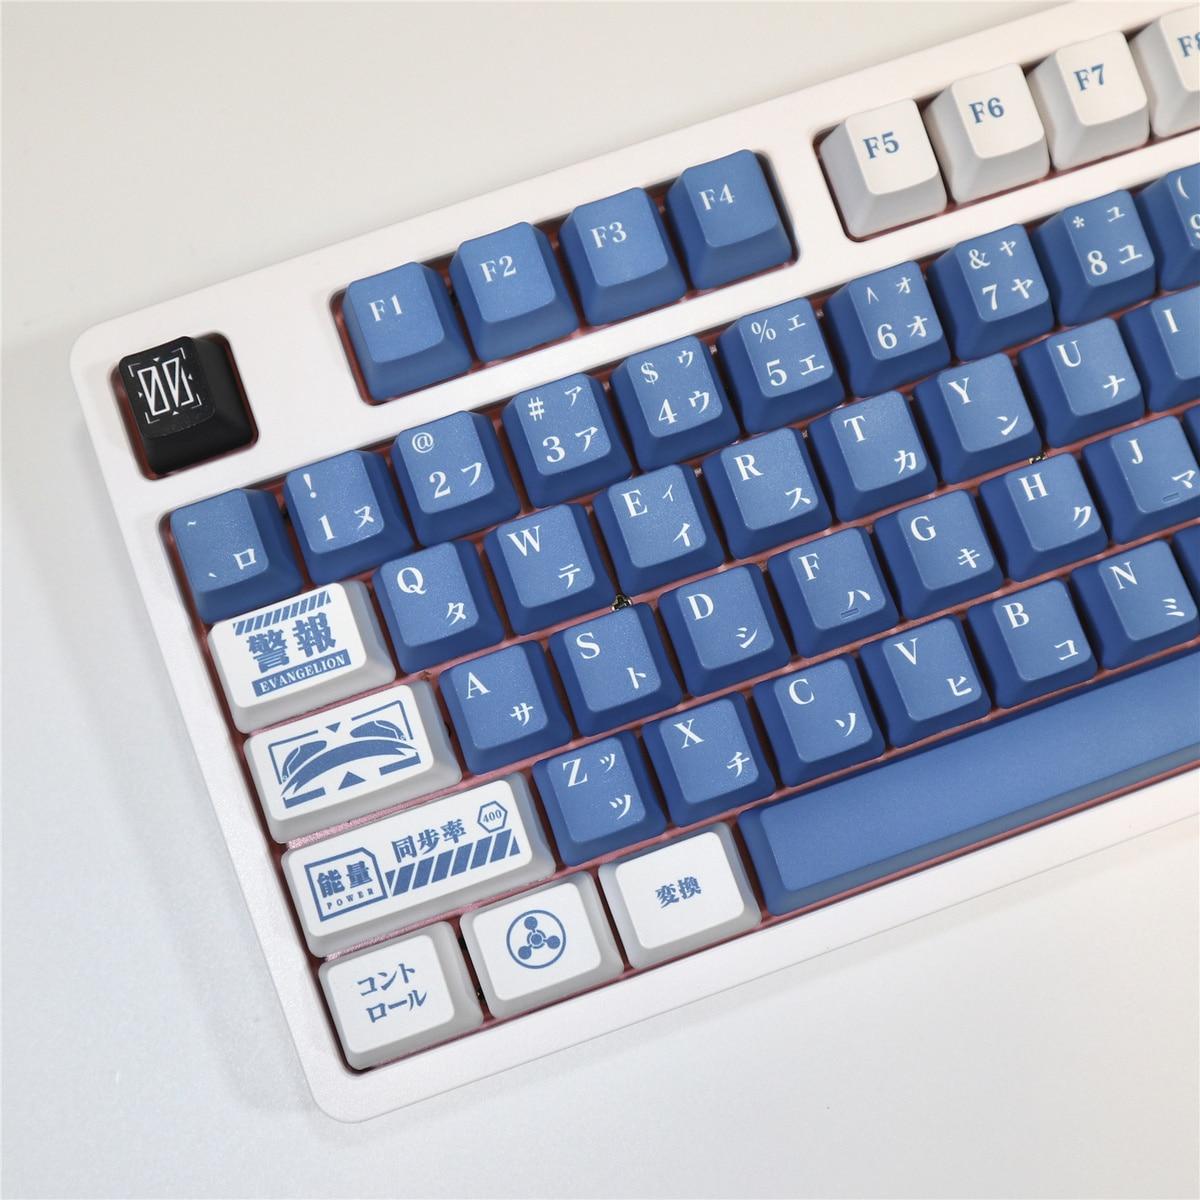 110-key Japanese Anime Evangelion EVA Lilith Keycap PBT Sublimation OEM Highly Mechanical Keyboard Keycap Cherry MX Switch/61/64